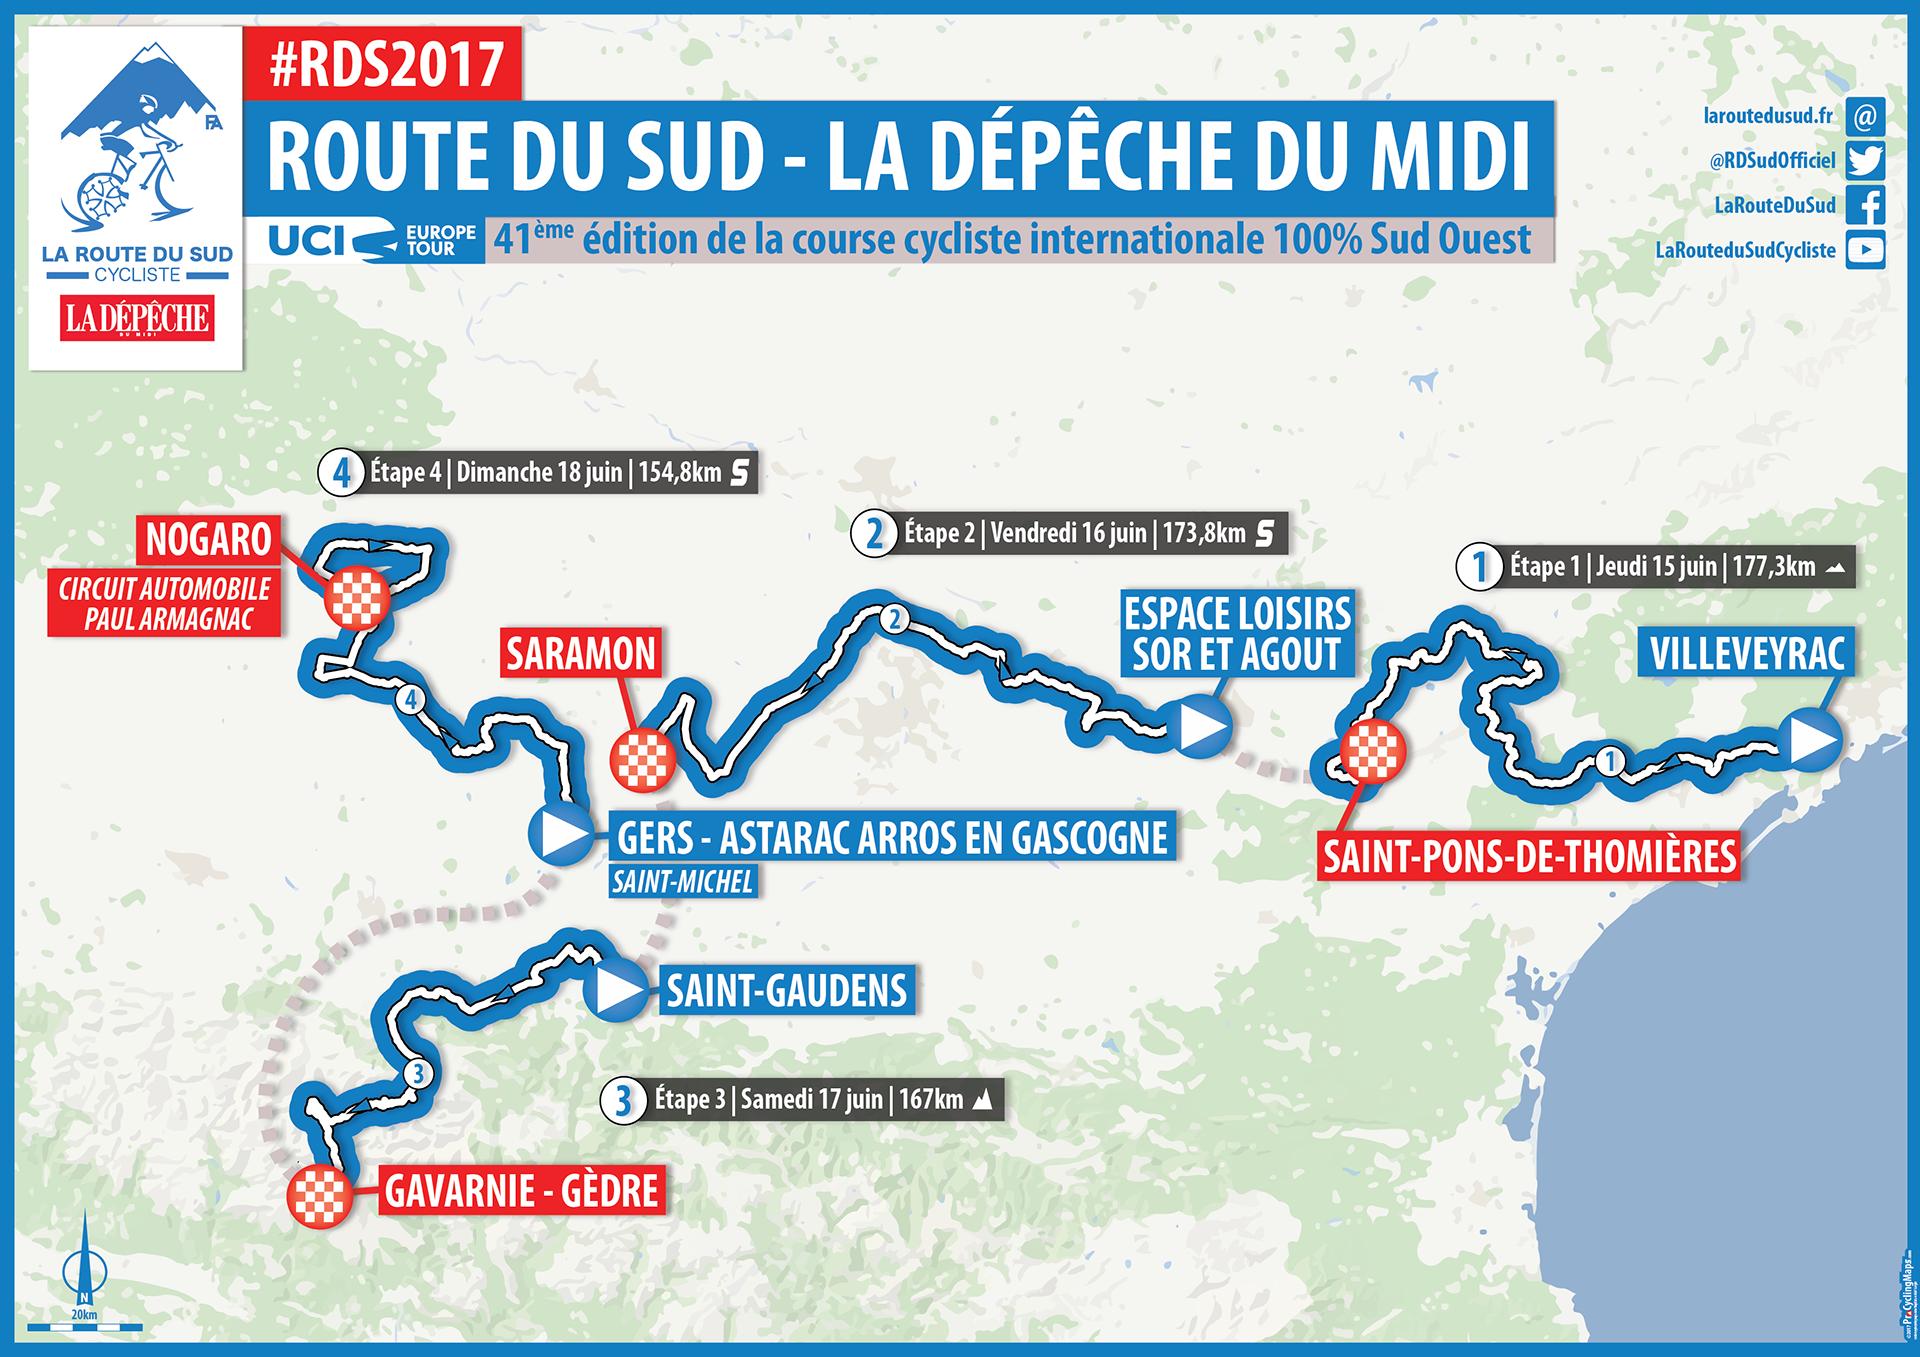 L'édition 2017 De La Route Du Sud Dévoilée